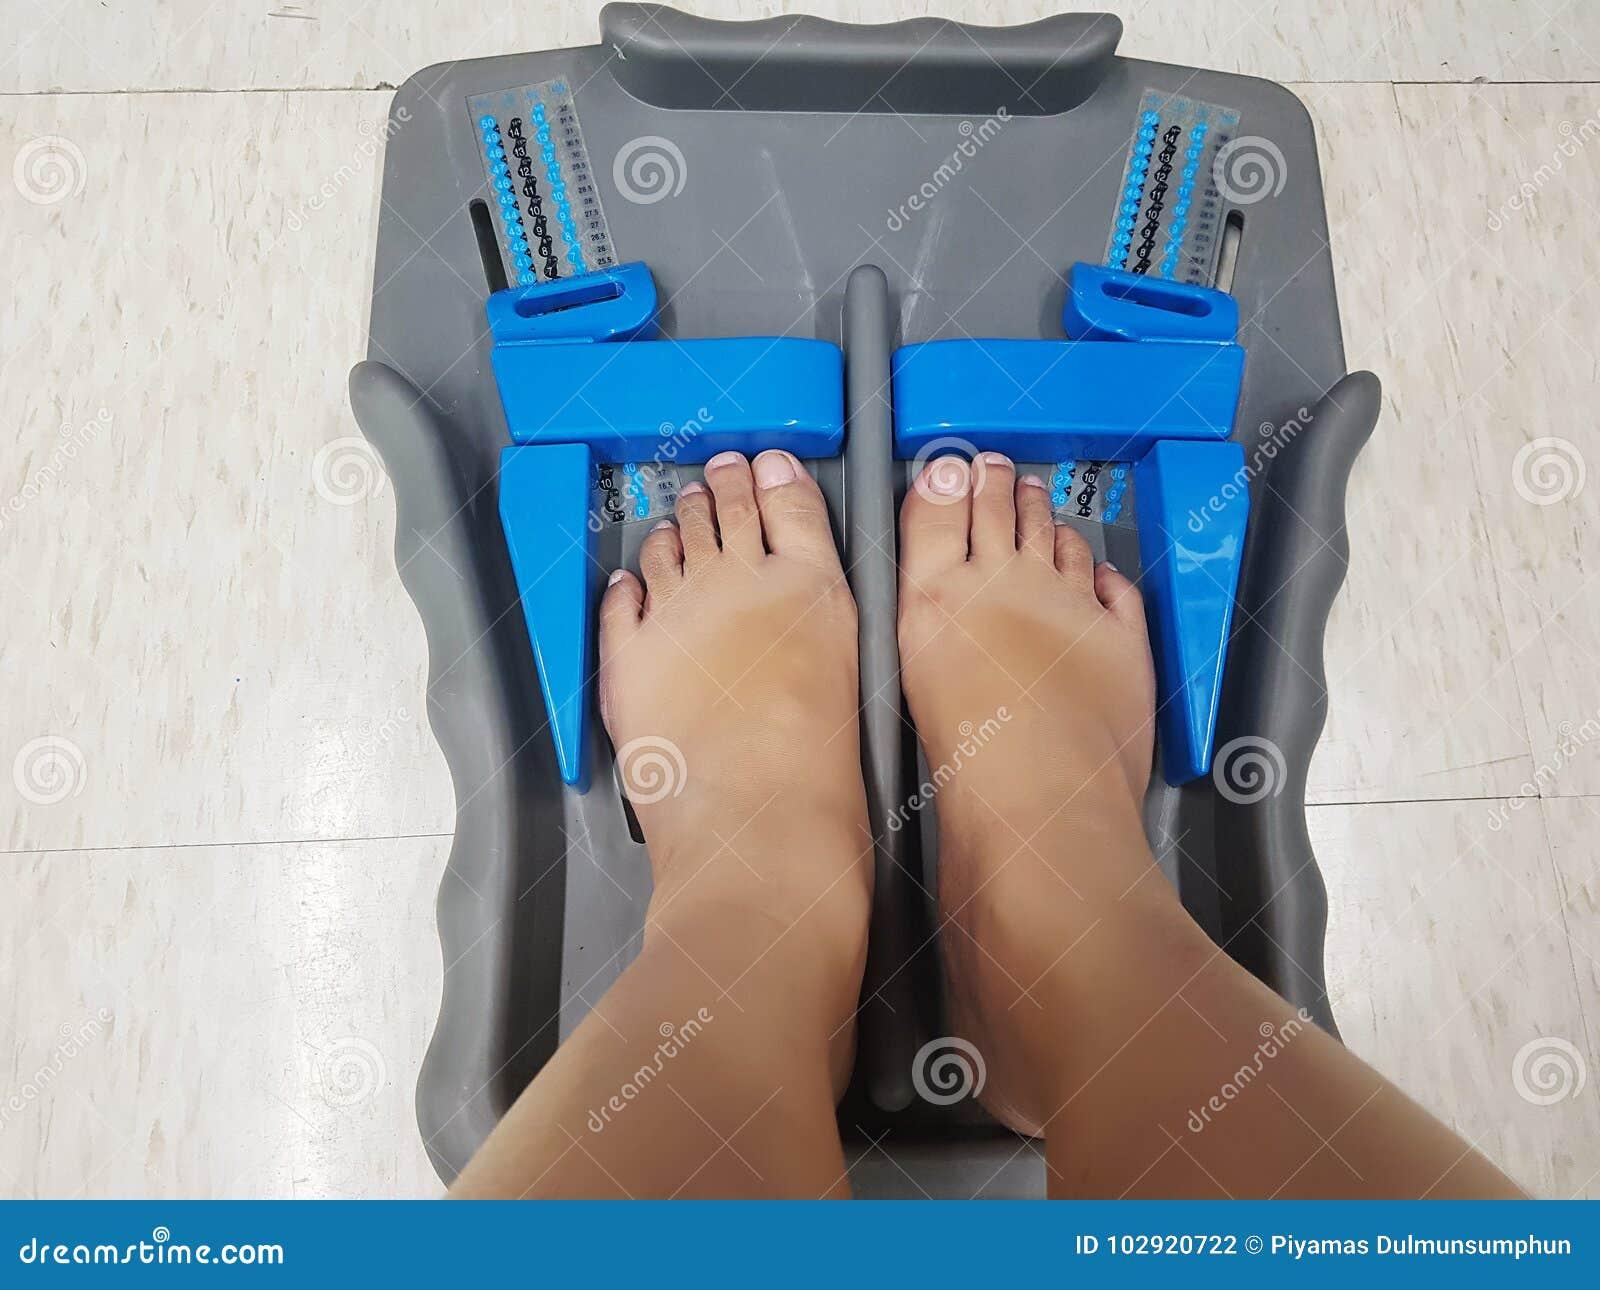 Herramienta de la medida del pie - pies del cliente de tamaño del zapato de la medida